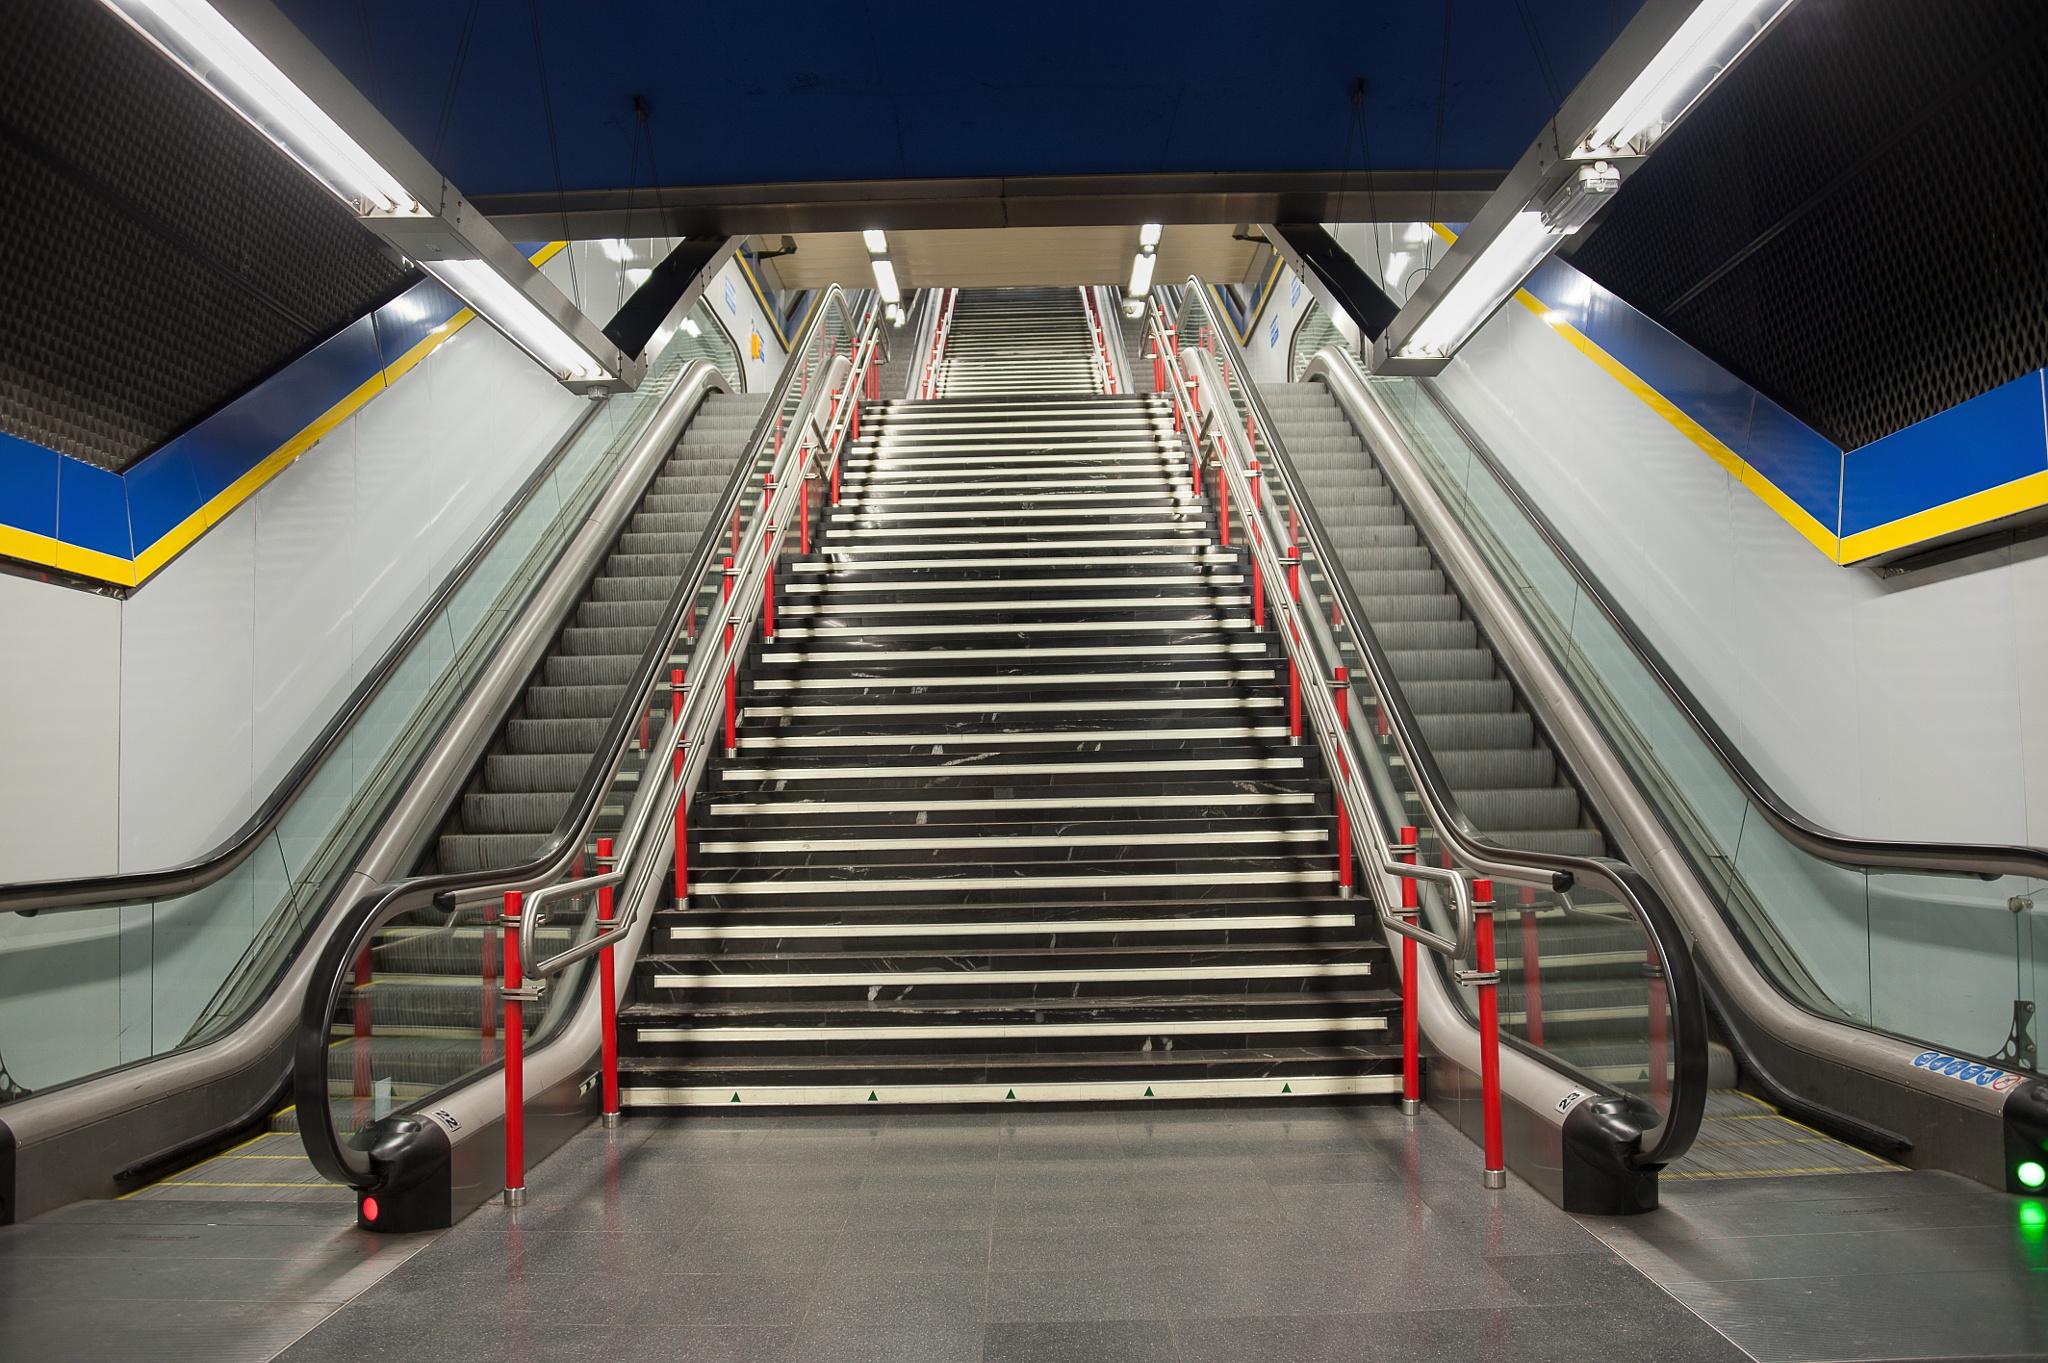 Stairs by Jose Manuel Navarro